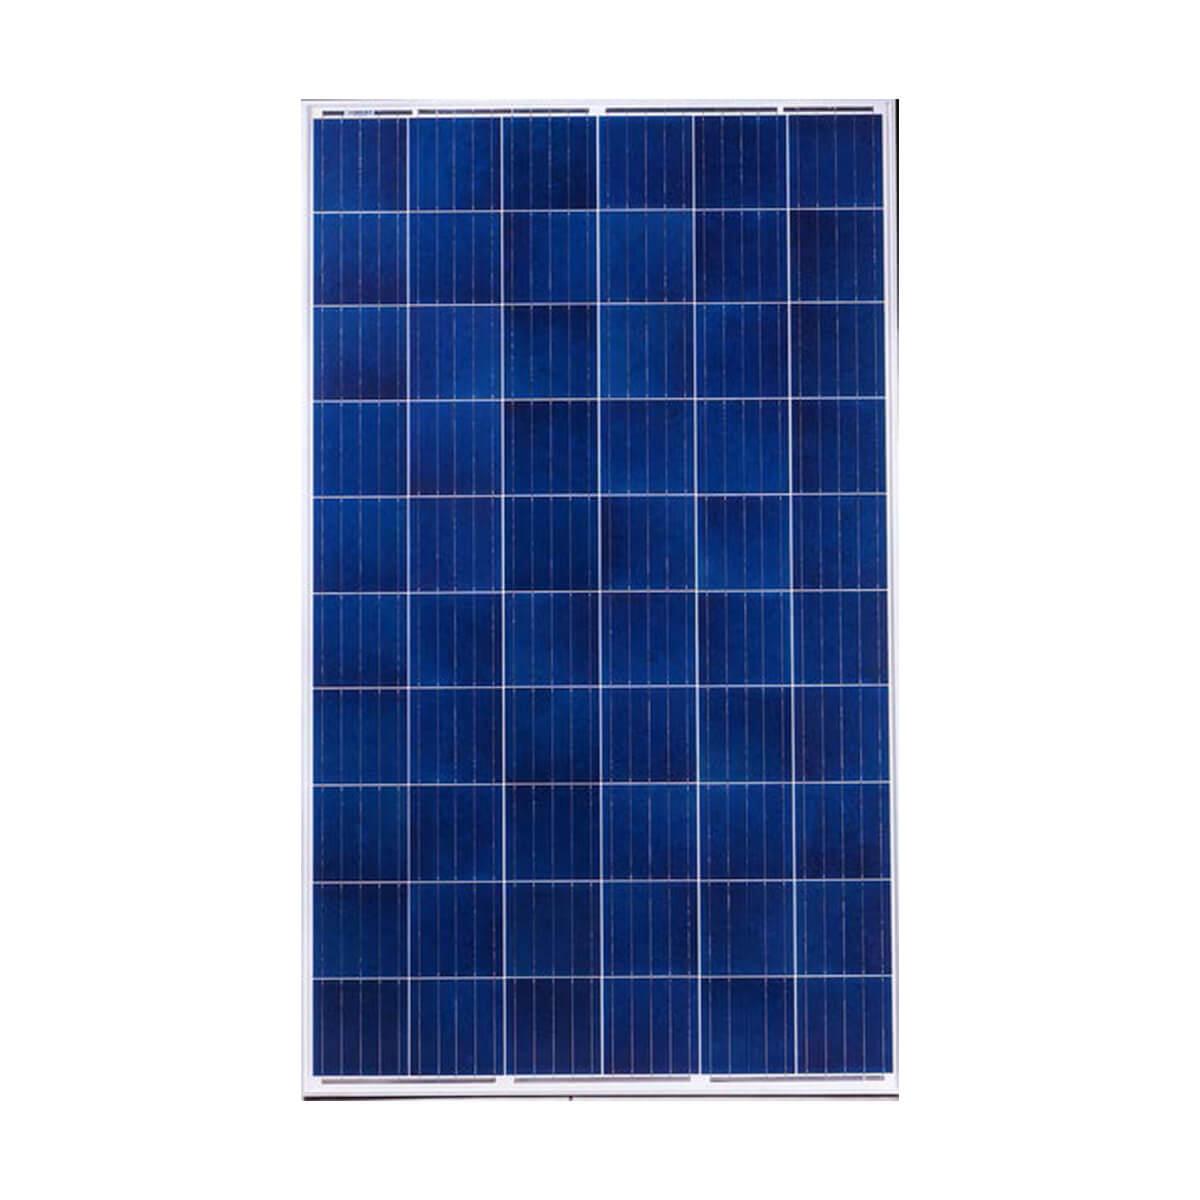 gazioglu solar enerji 270W panel, gazioglu solar enerji 270Watt panel, gazioglu solar enerji 270 W panel, gazioglu solar enerji 270 Watt panel, gazioglu solar enerji 270 Watt polikristal panel, gazioglu solar enerji 270 W watt gunes paneli, gazioglu solar enerji 270 W watt polikristal gunes paneli, gazioglu solar enerji 270 W Watt fotovoltaik polikristal solar panel, gazioglu solar enerji 270W polikristal gunes enerjisi, gazioglu solar enerji GSE-270W panel, Gazioğlu Solar 270 WATT